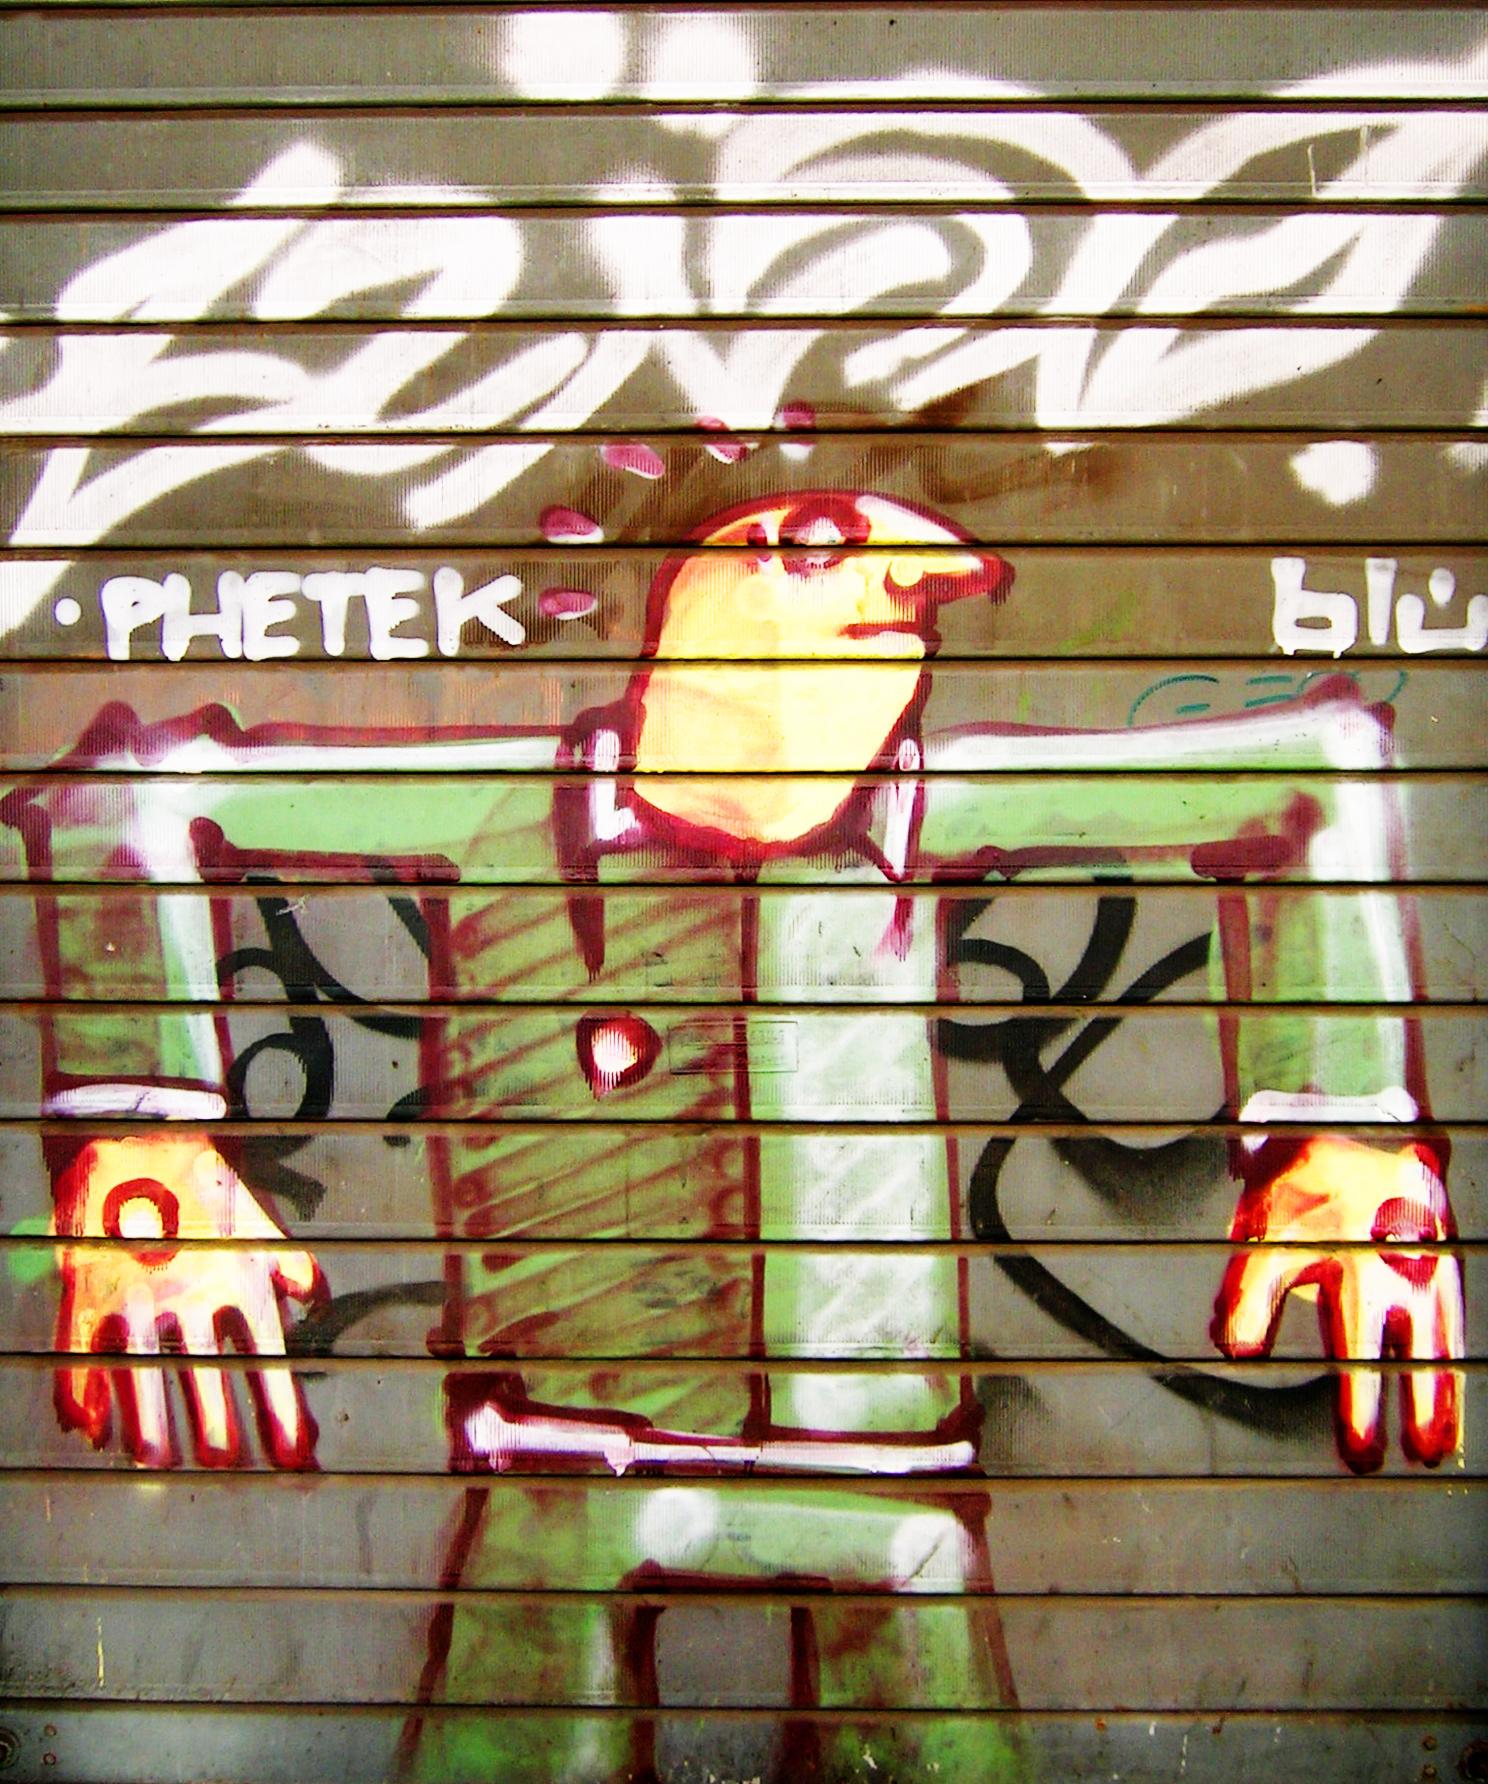 20_Blu_Phetek